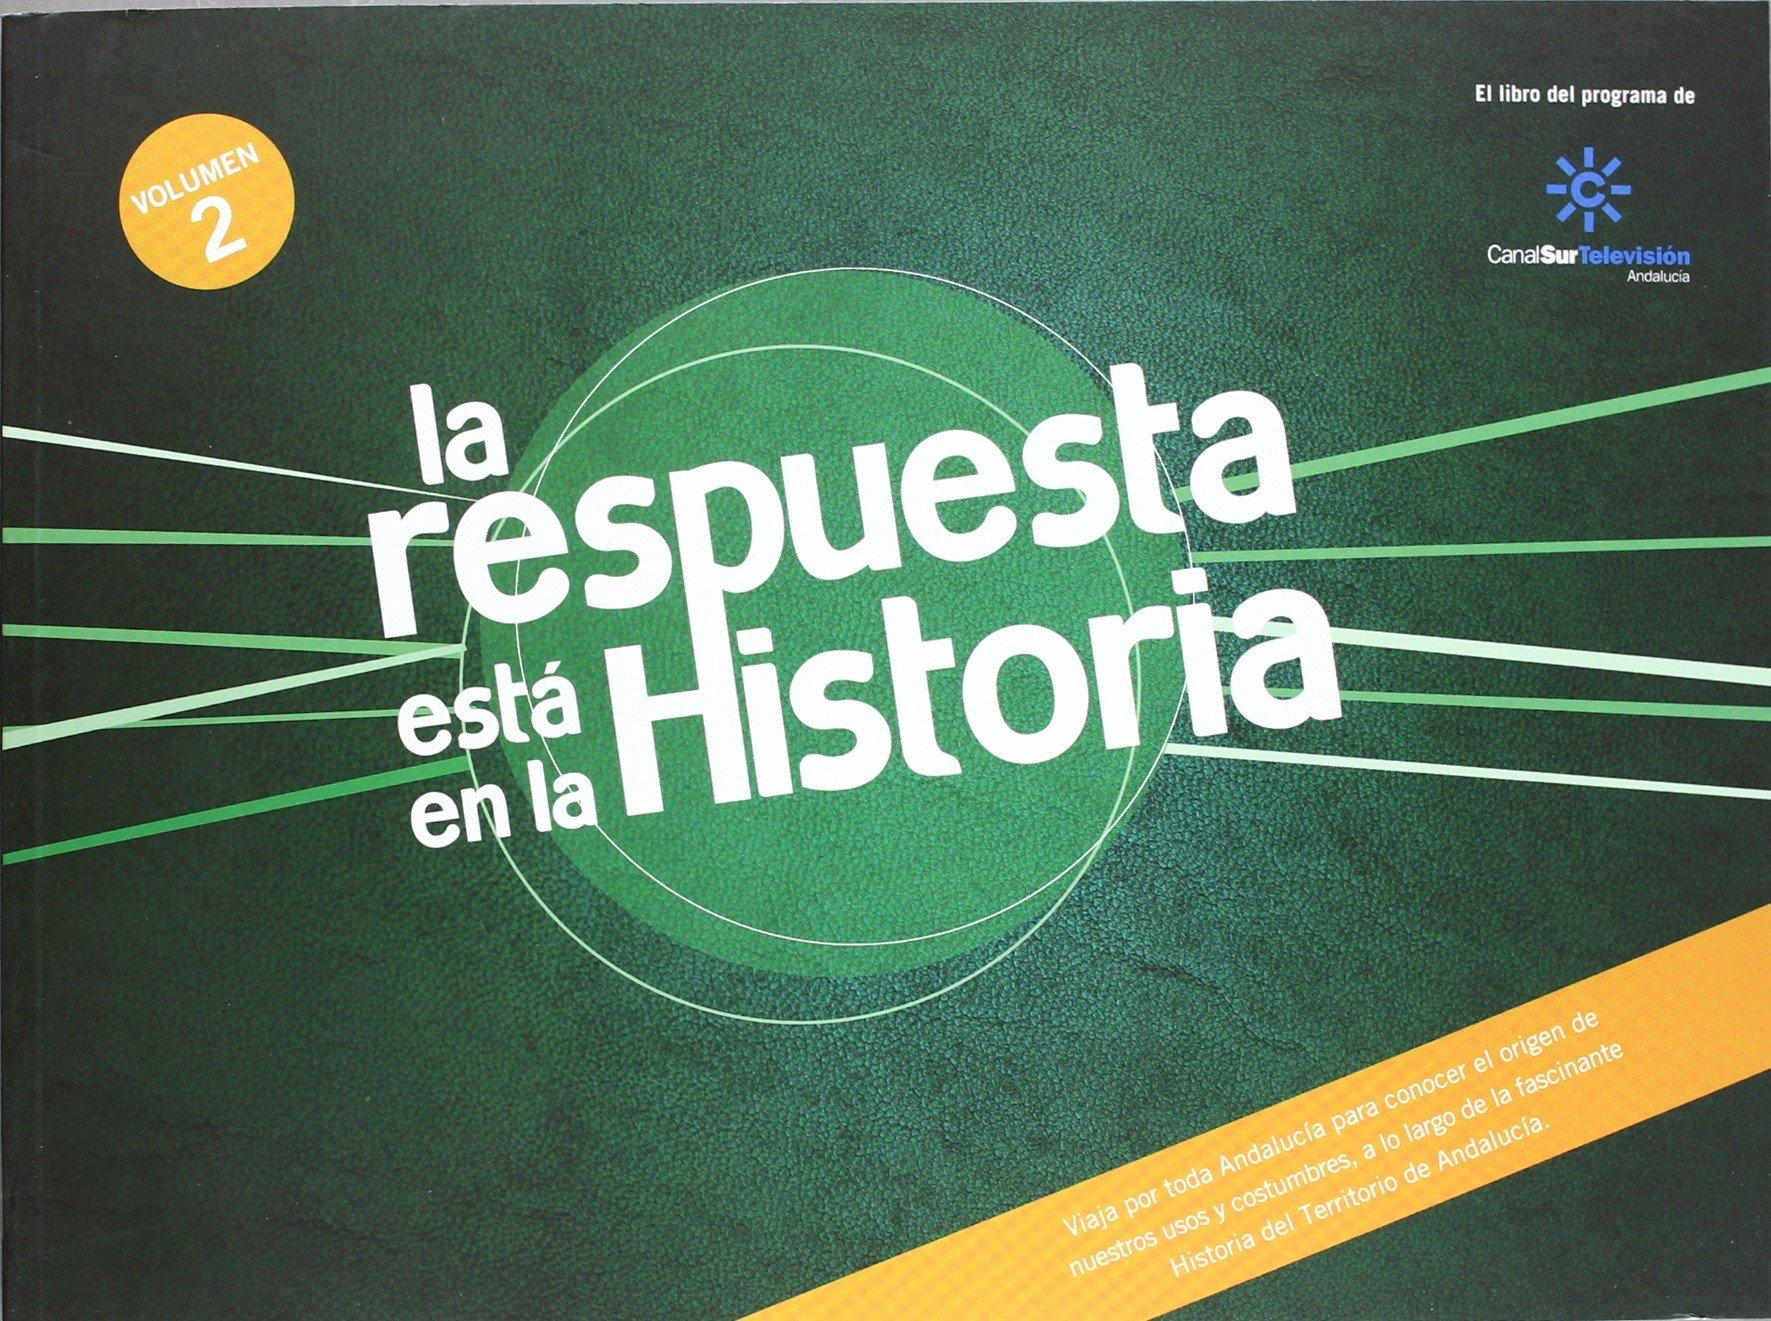 La Respuesta Está en la Historia, Volumen 2, Colección Historia Zumaque: Amazon.es: Vv.Aa.: Libros